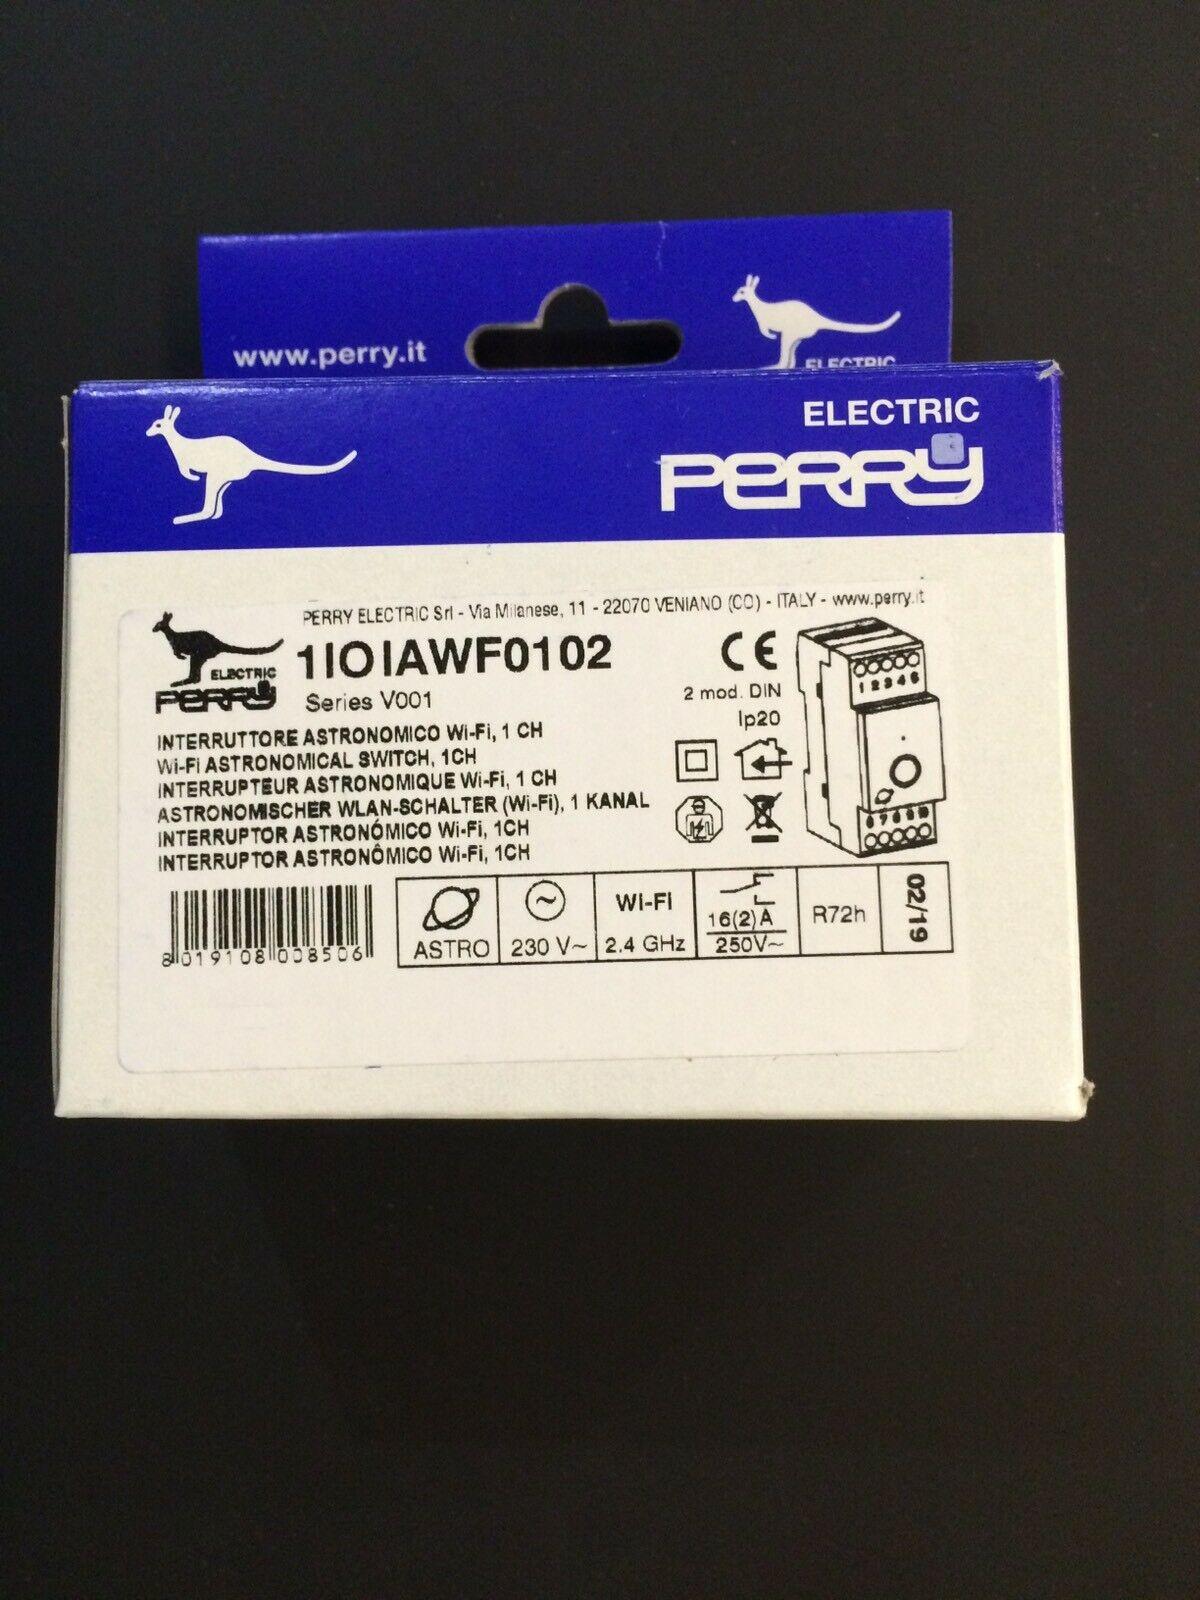 Perry-1IOIAWF0102-Interruttore-orario-Wifi-WI-FI-ASTRONOMICO-133154509556